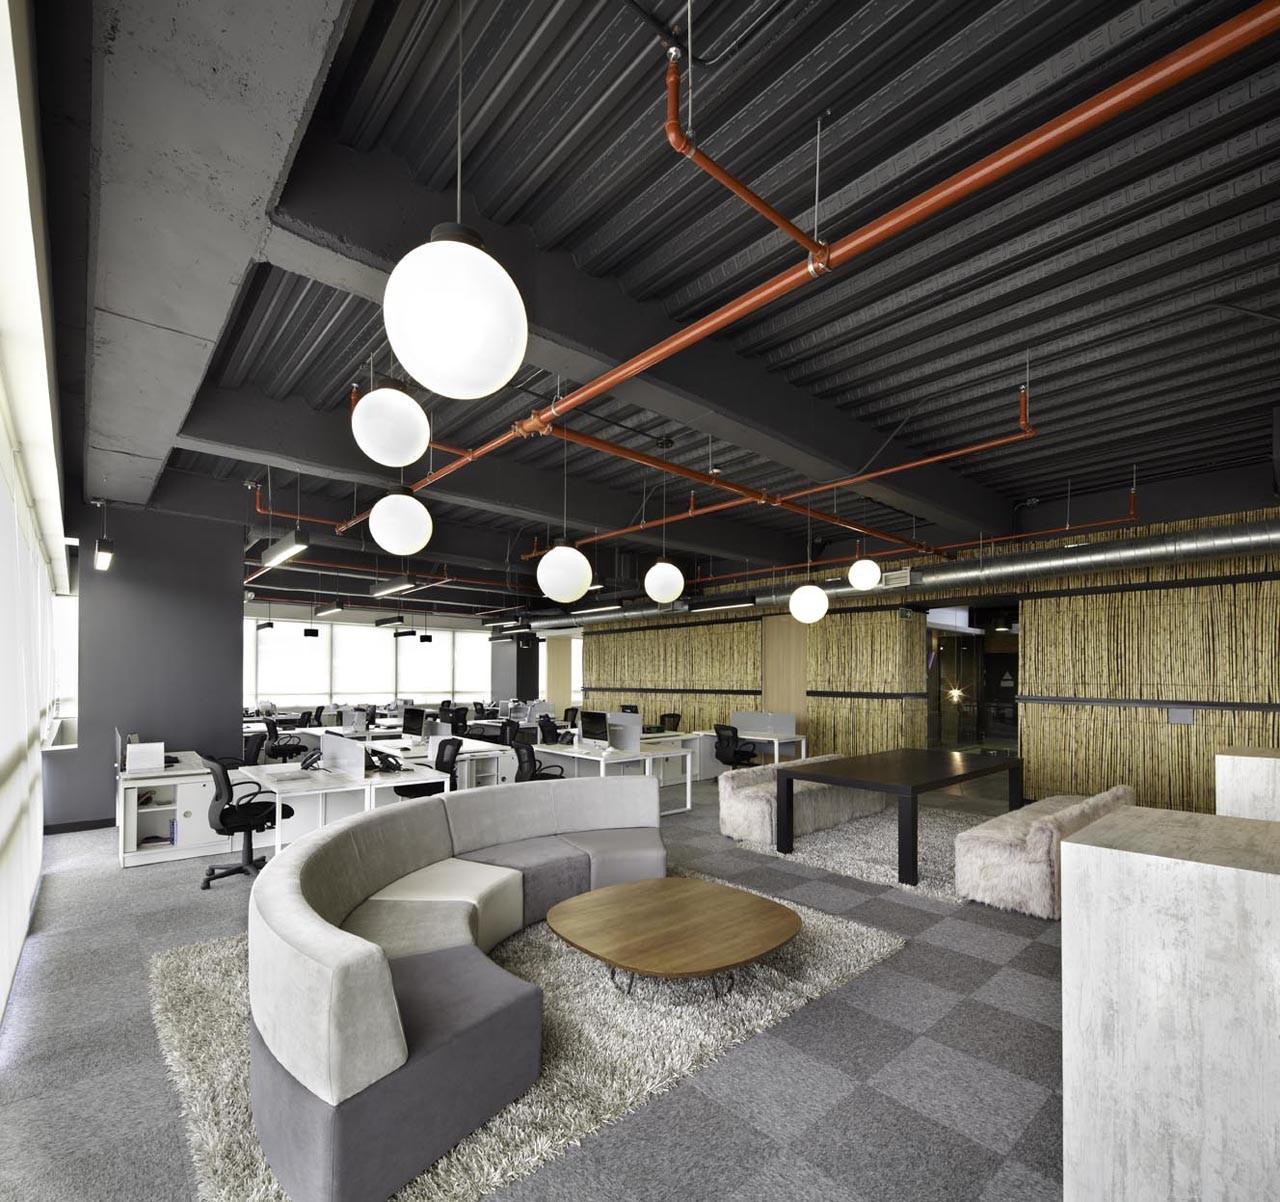 Gallery of jwt bogot headquarters aei arquitectura e interiores 5 - Arquitectura interior ...